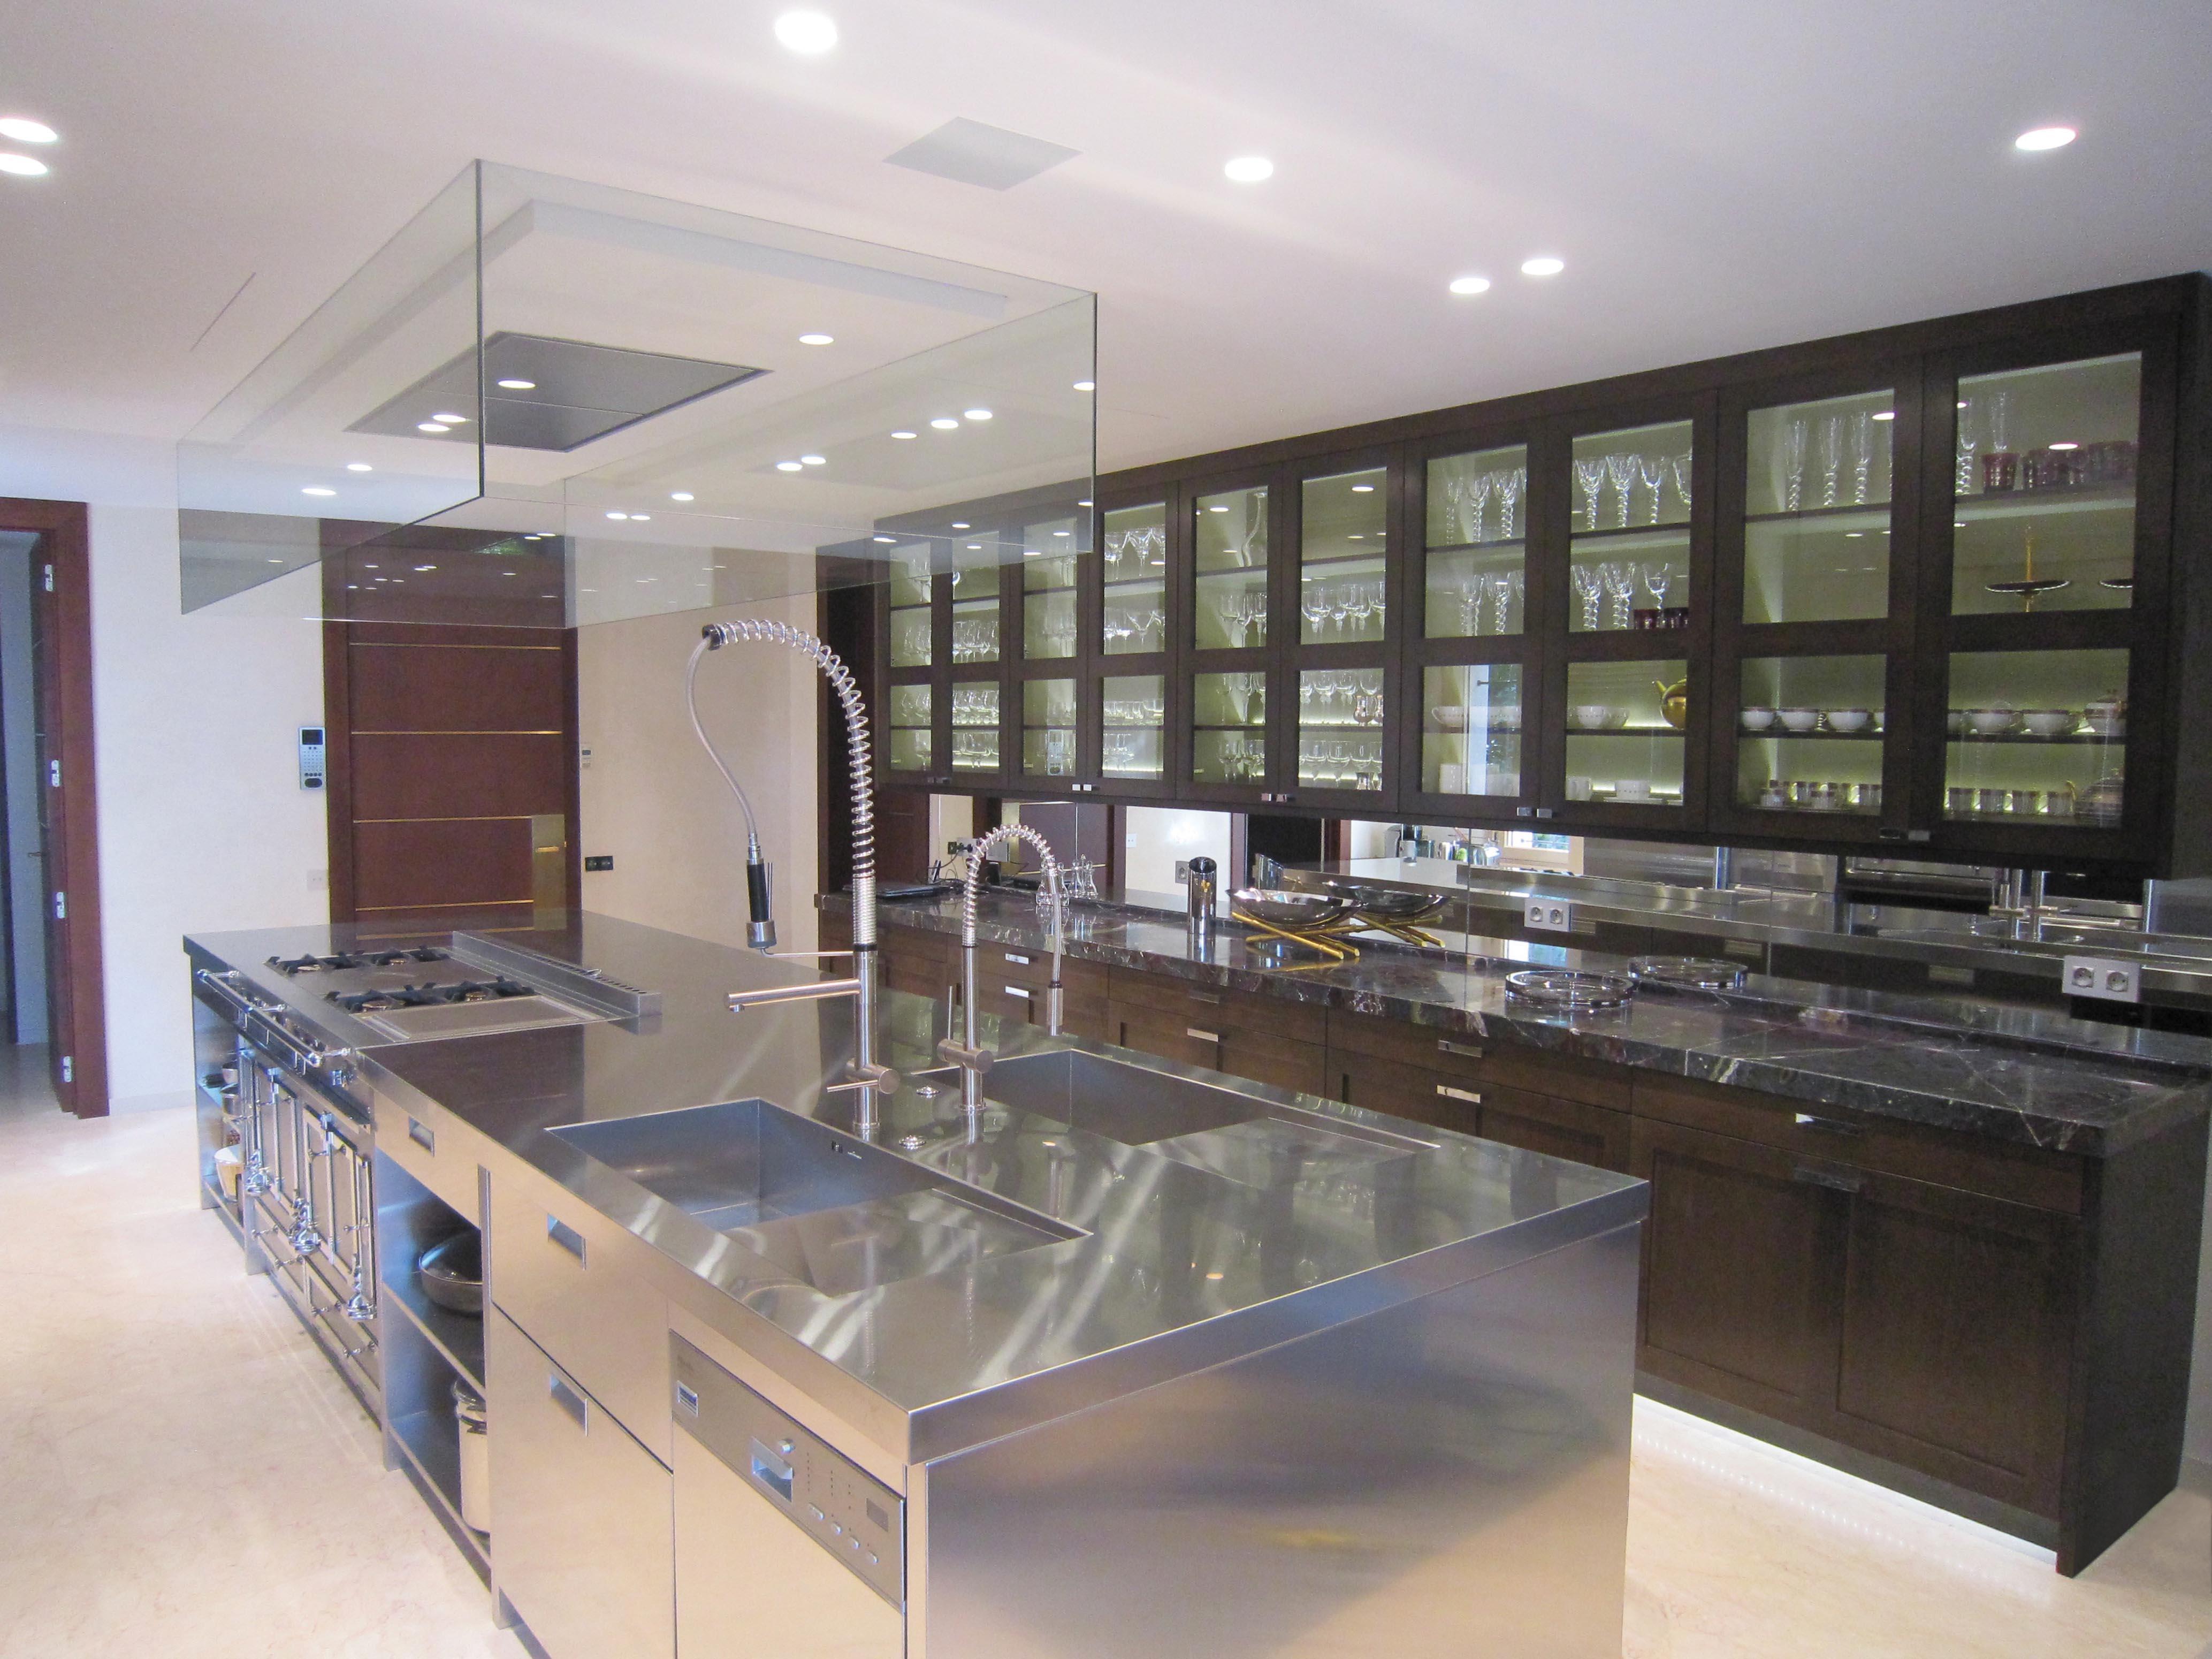 Cuisines de chef technologie de haut niveau atelier de for Atelier de cuisine montpellier